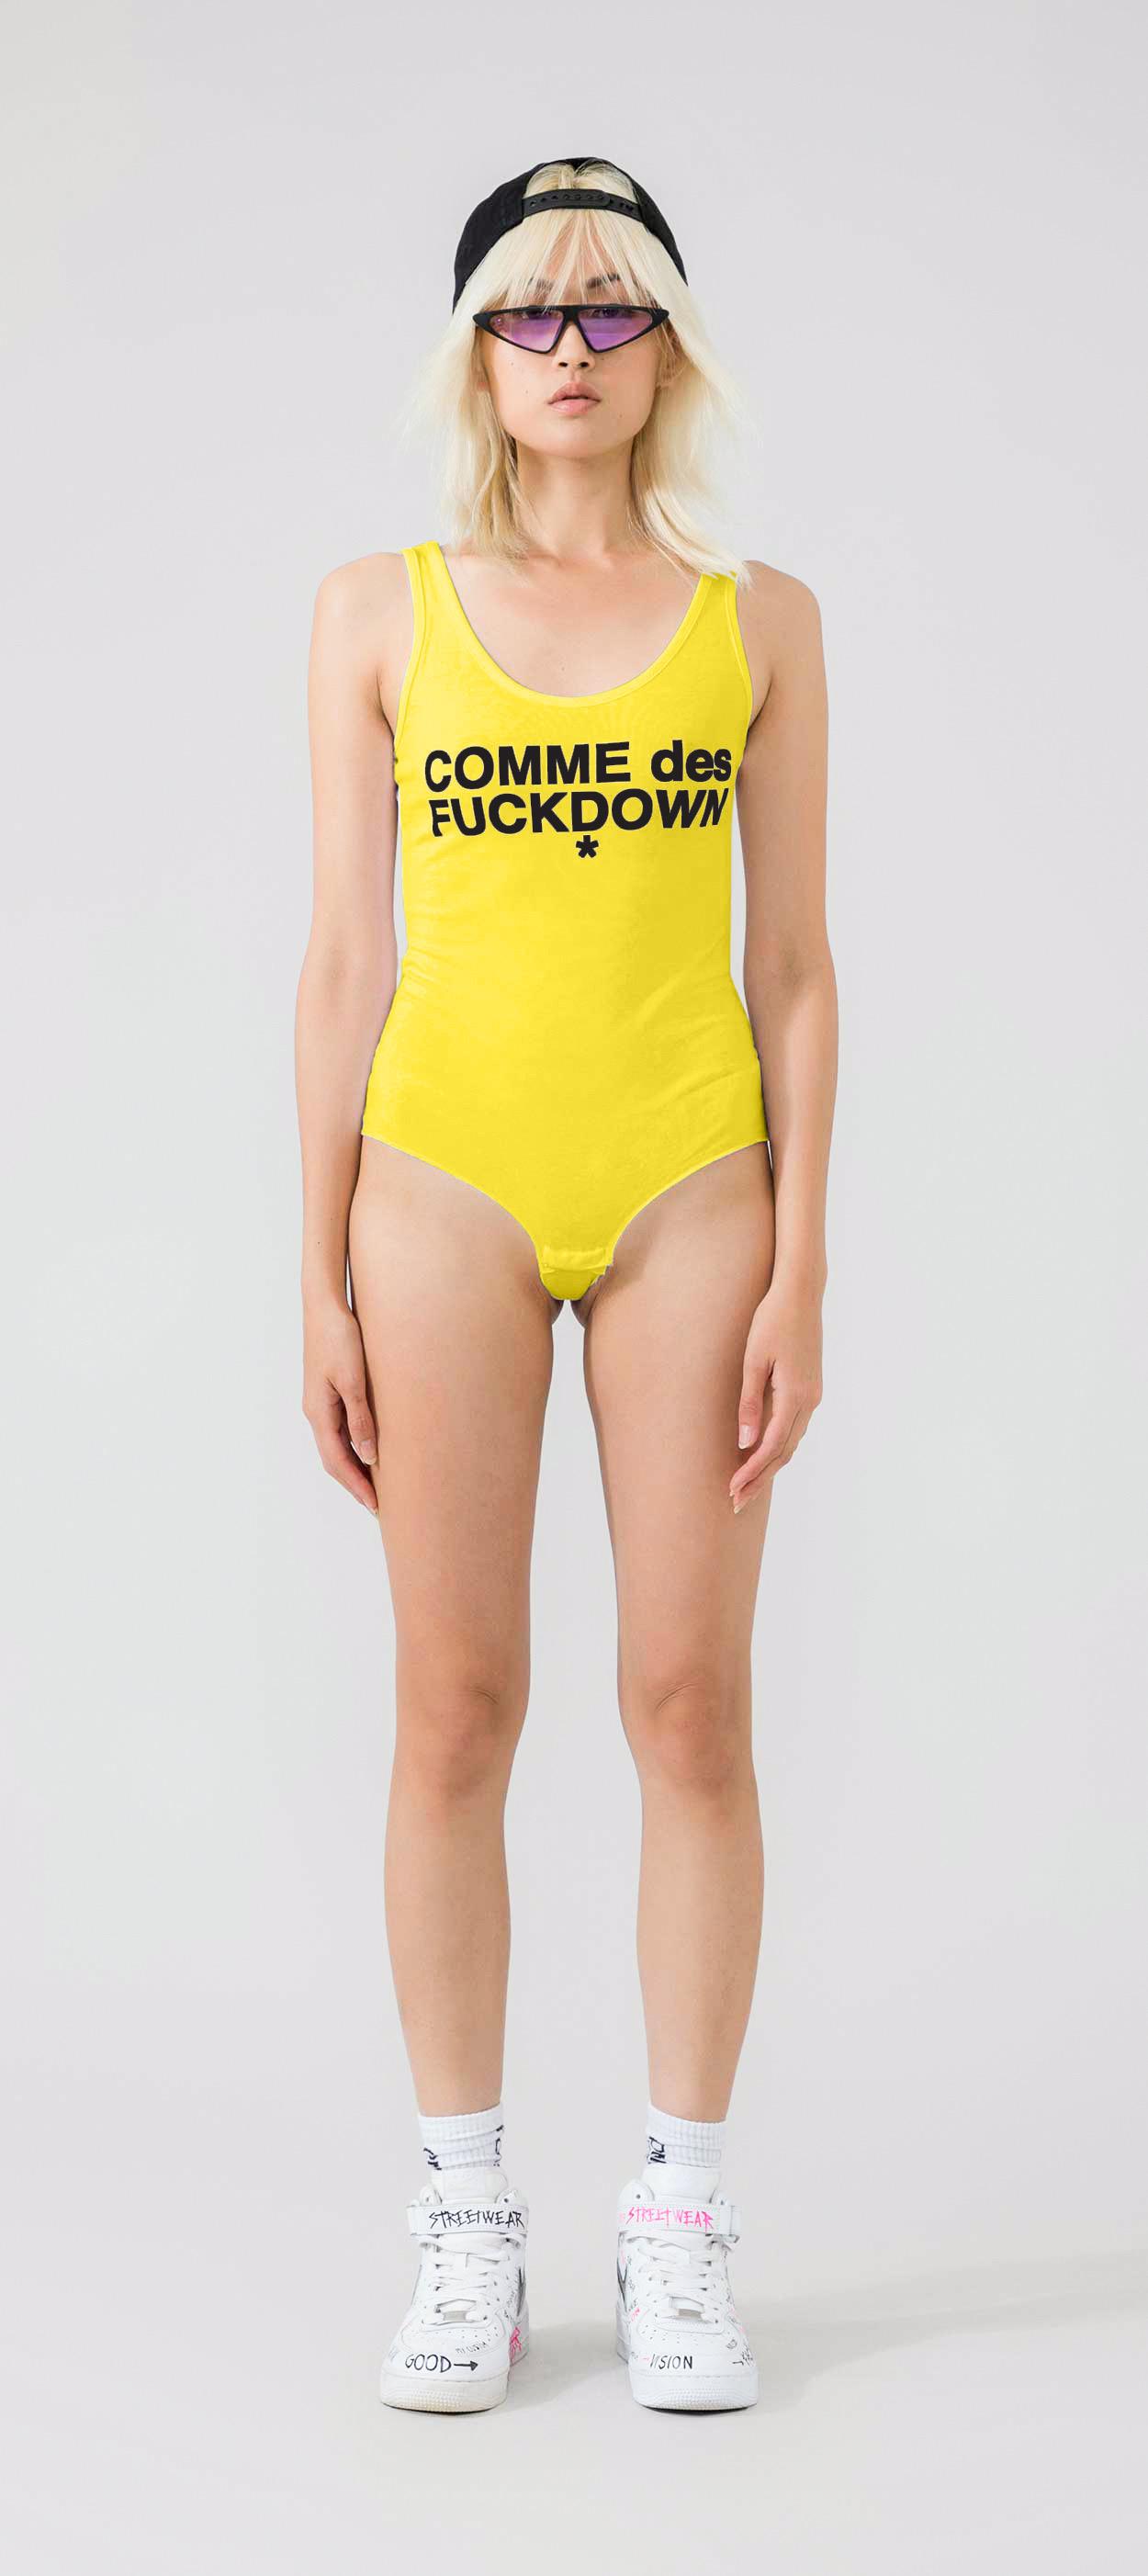 BODY - CDFD917 - COMME DES FKDOWN